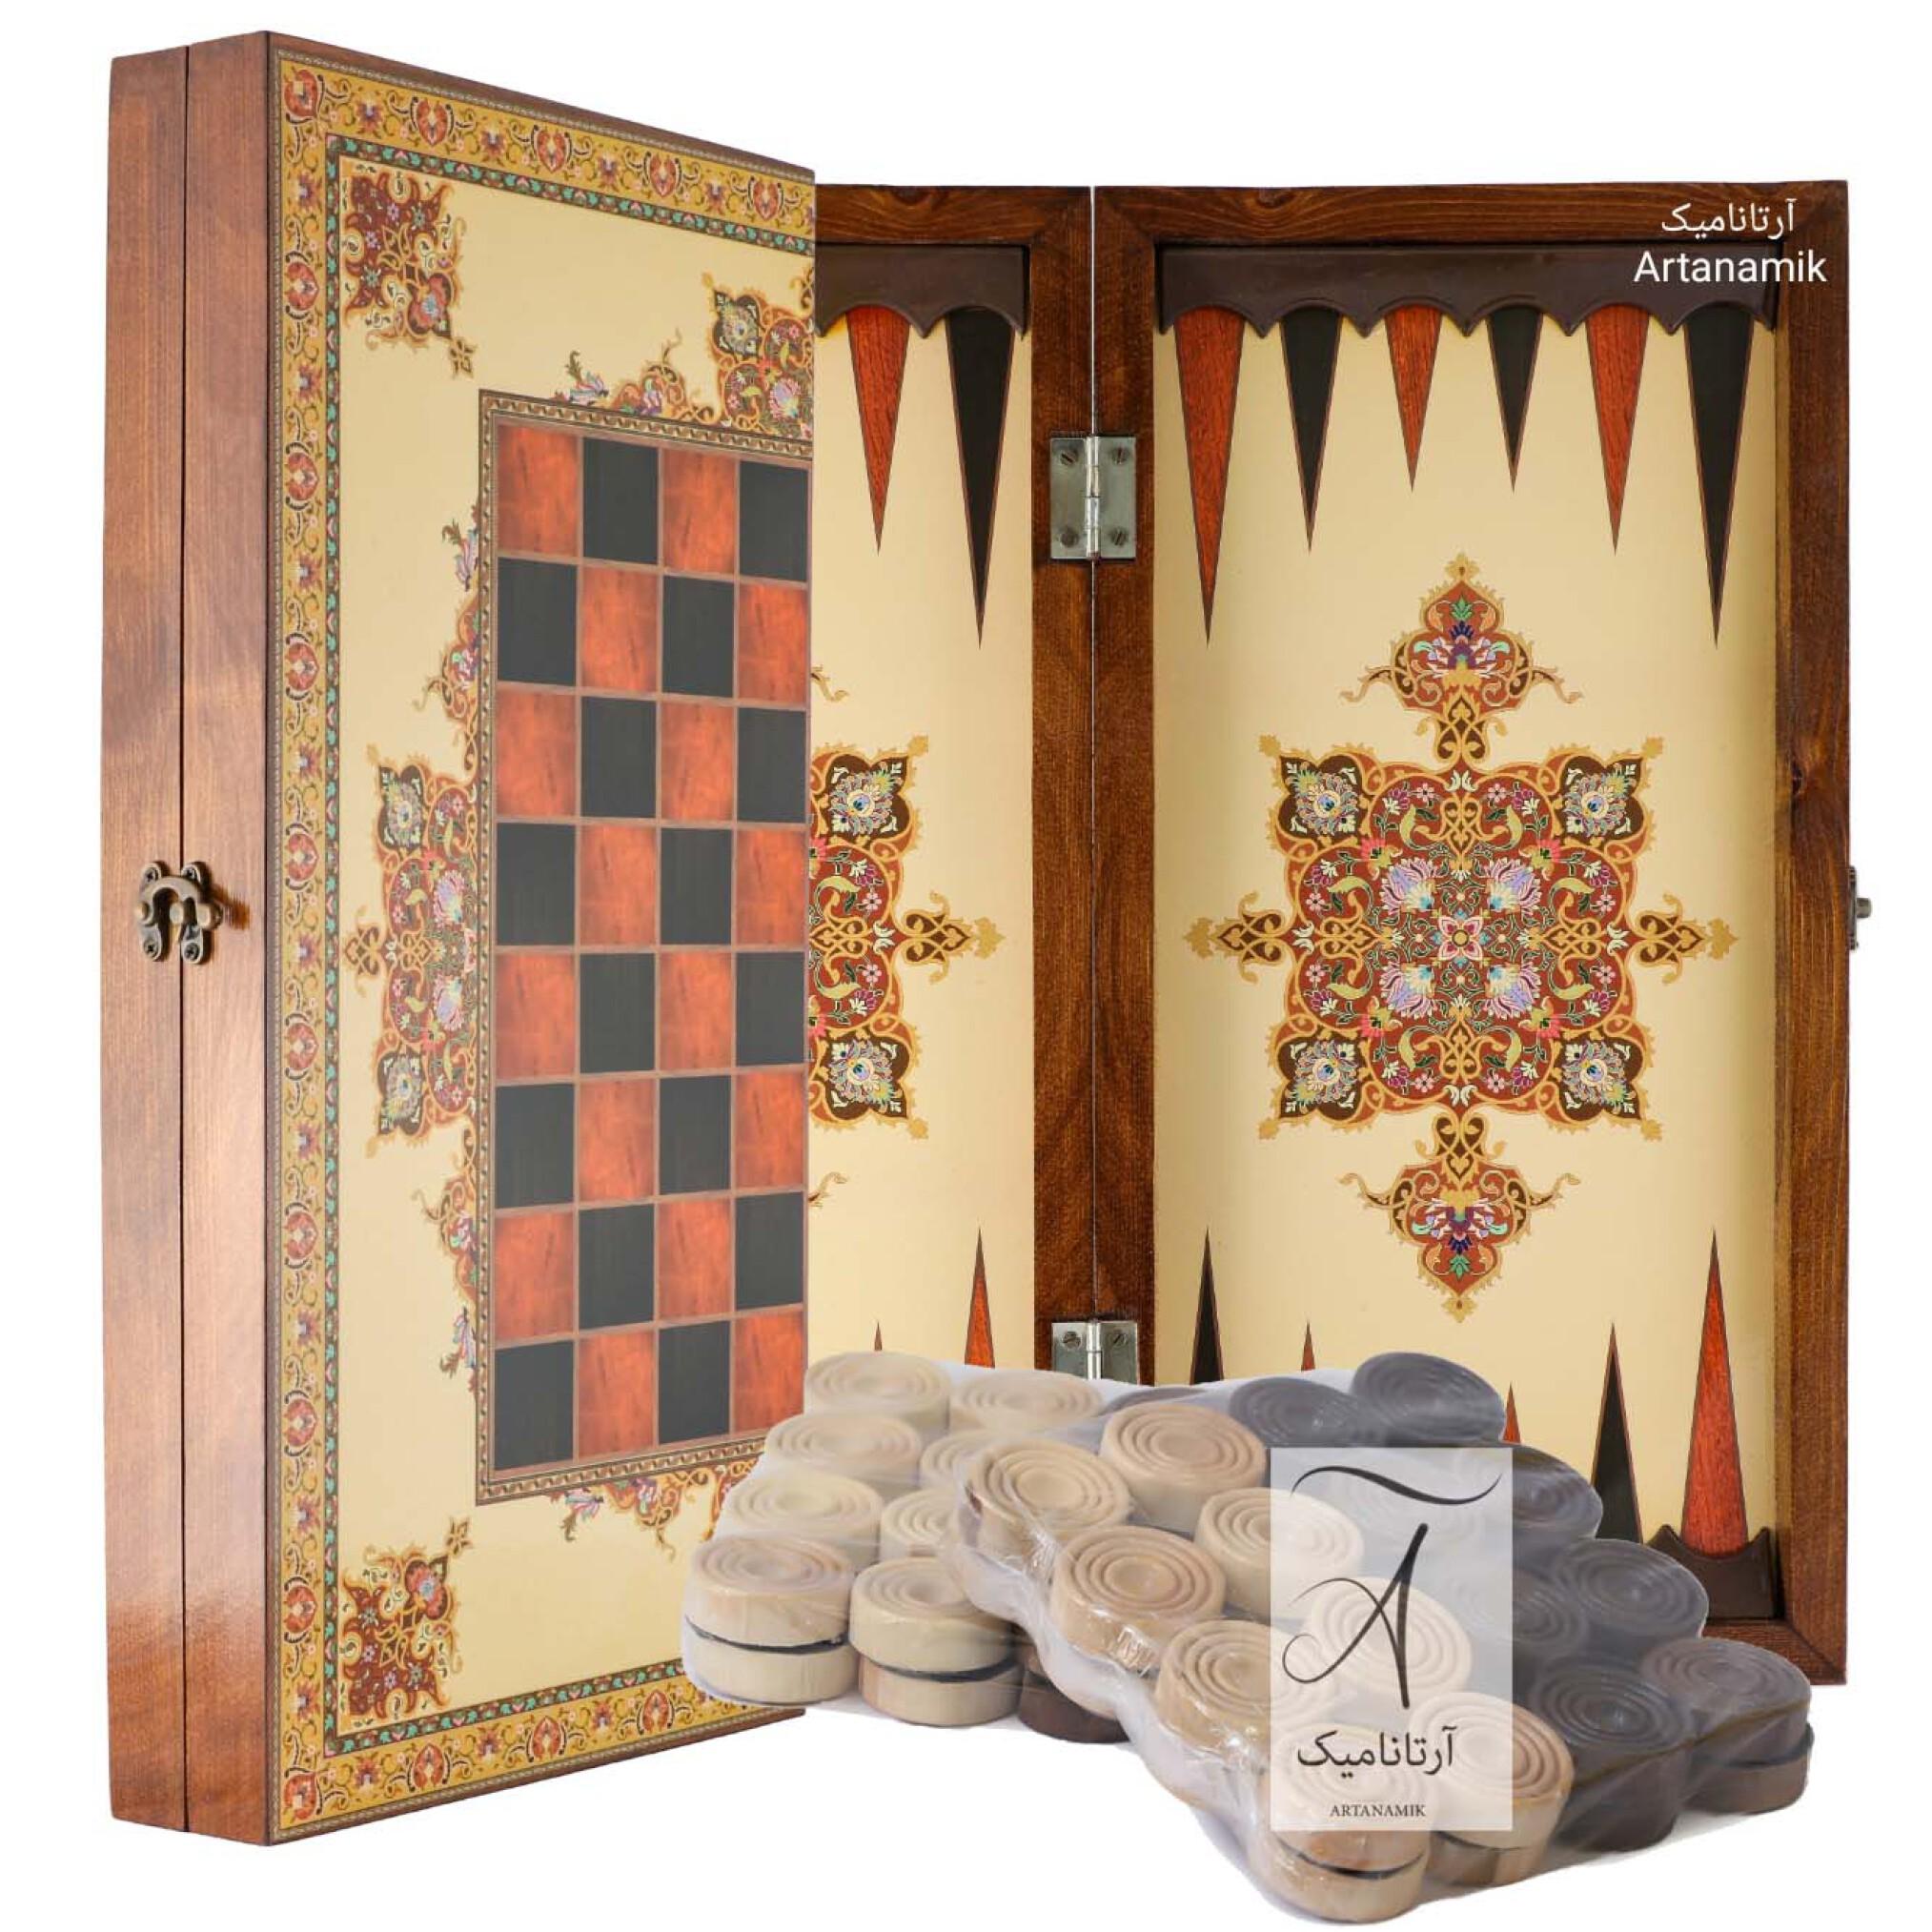 خرید تخته نرد و شطرنج کادویی طرح فرش، تخته نرد کادویی و تخته نرد نفیس از جنس چوب روس